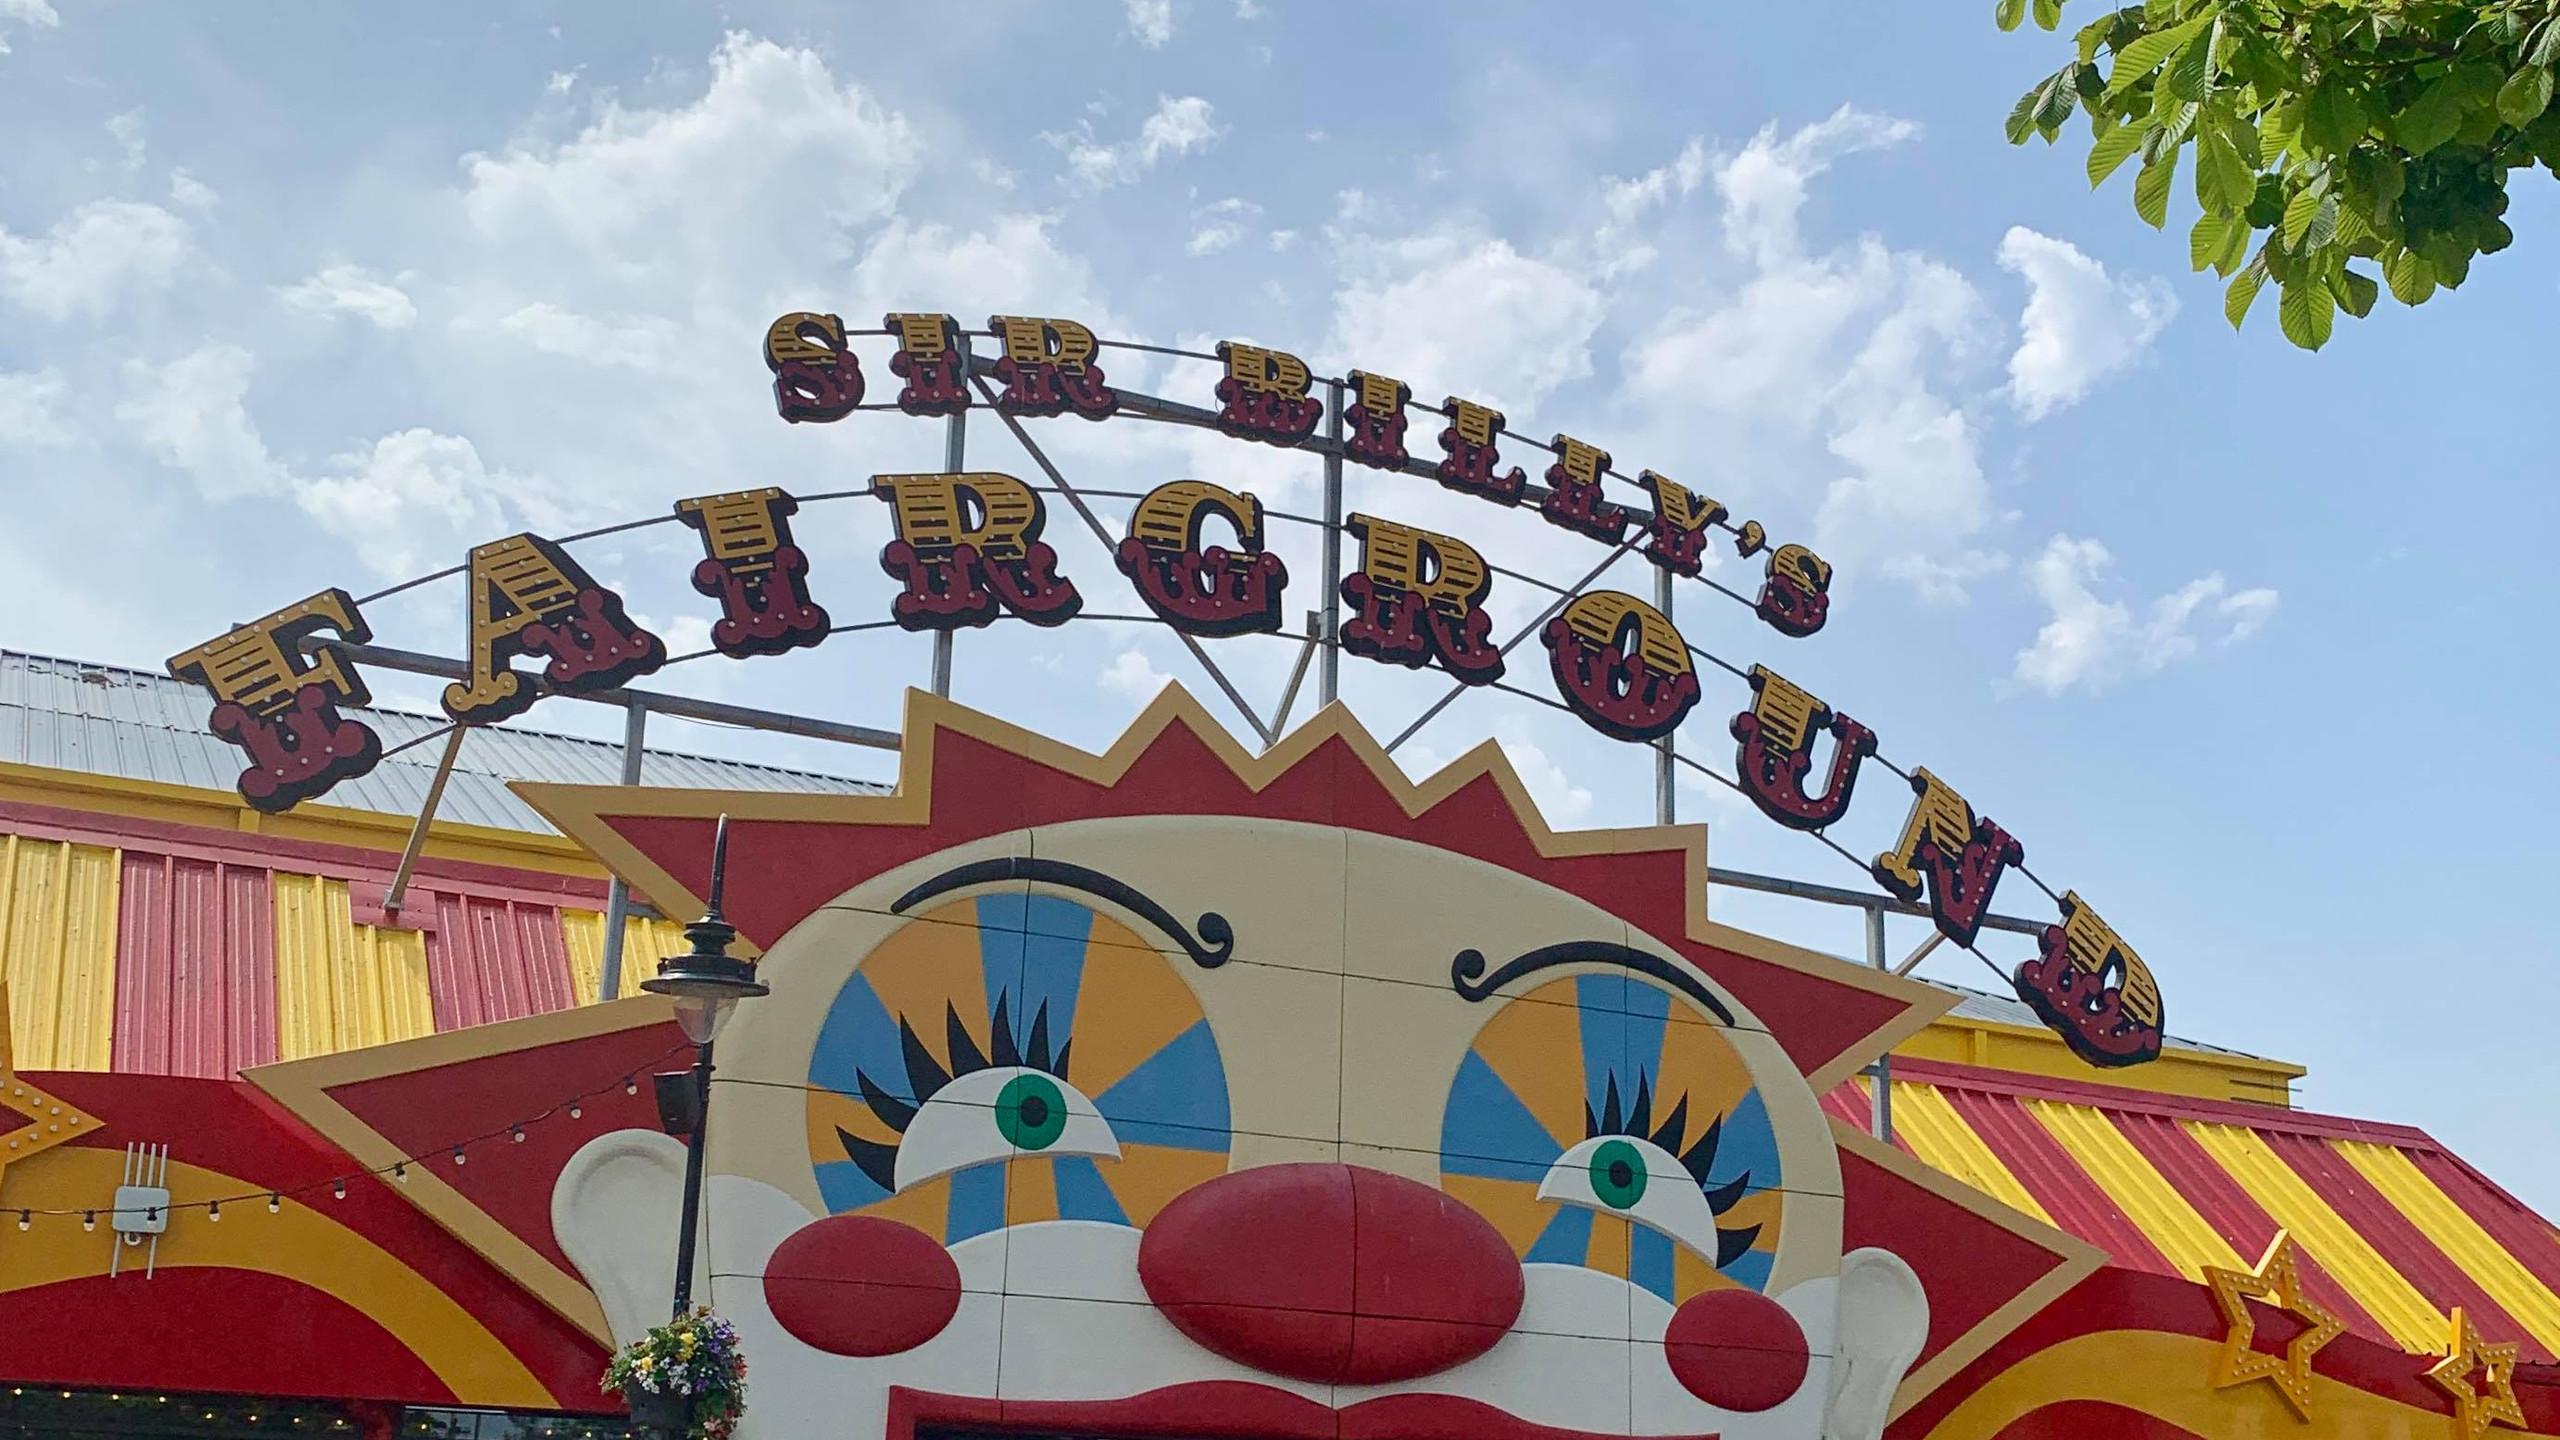 Fairground arcades